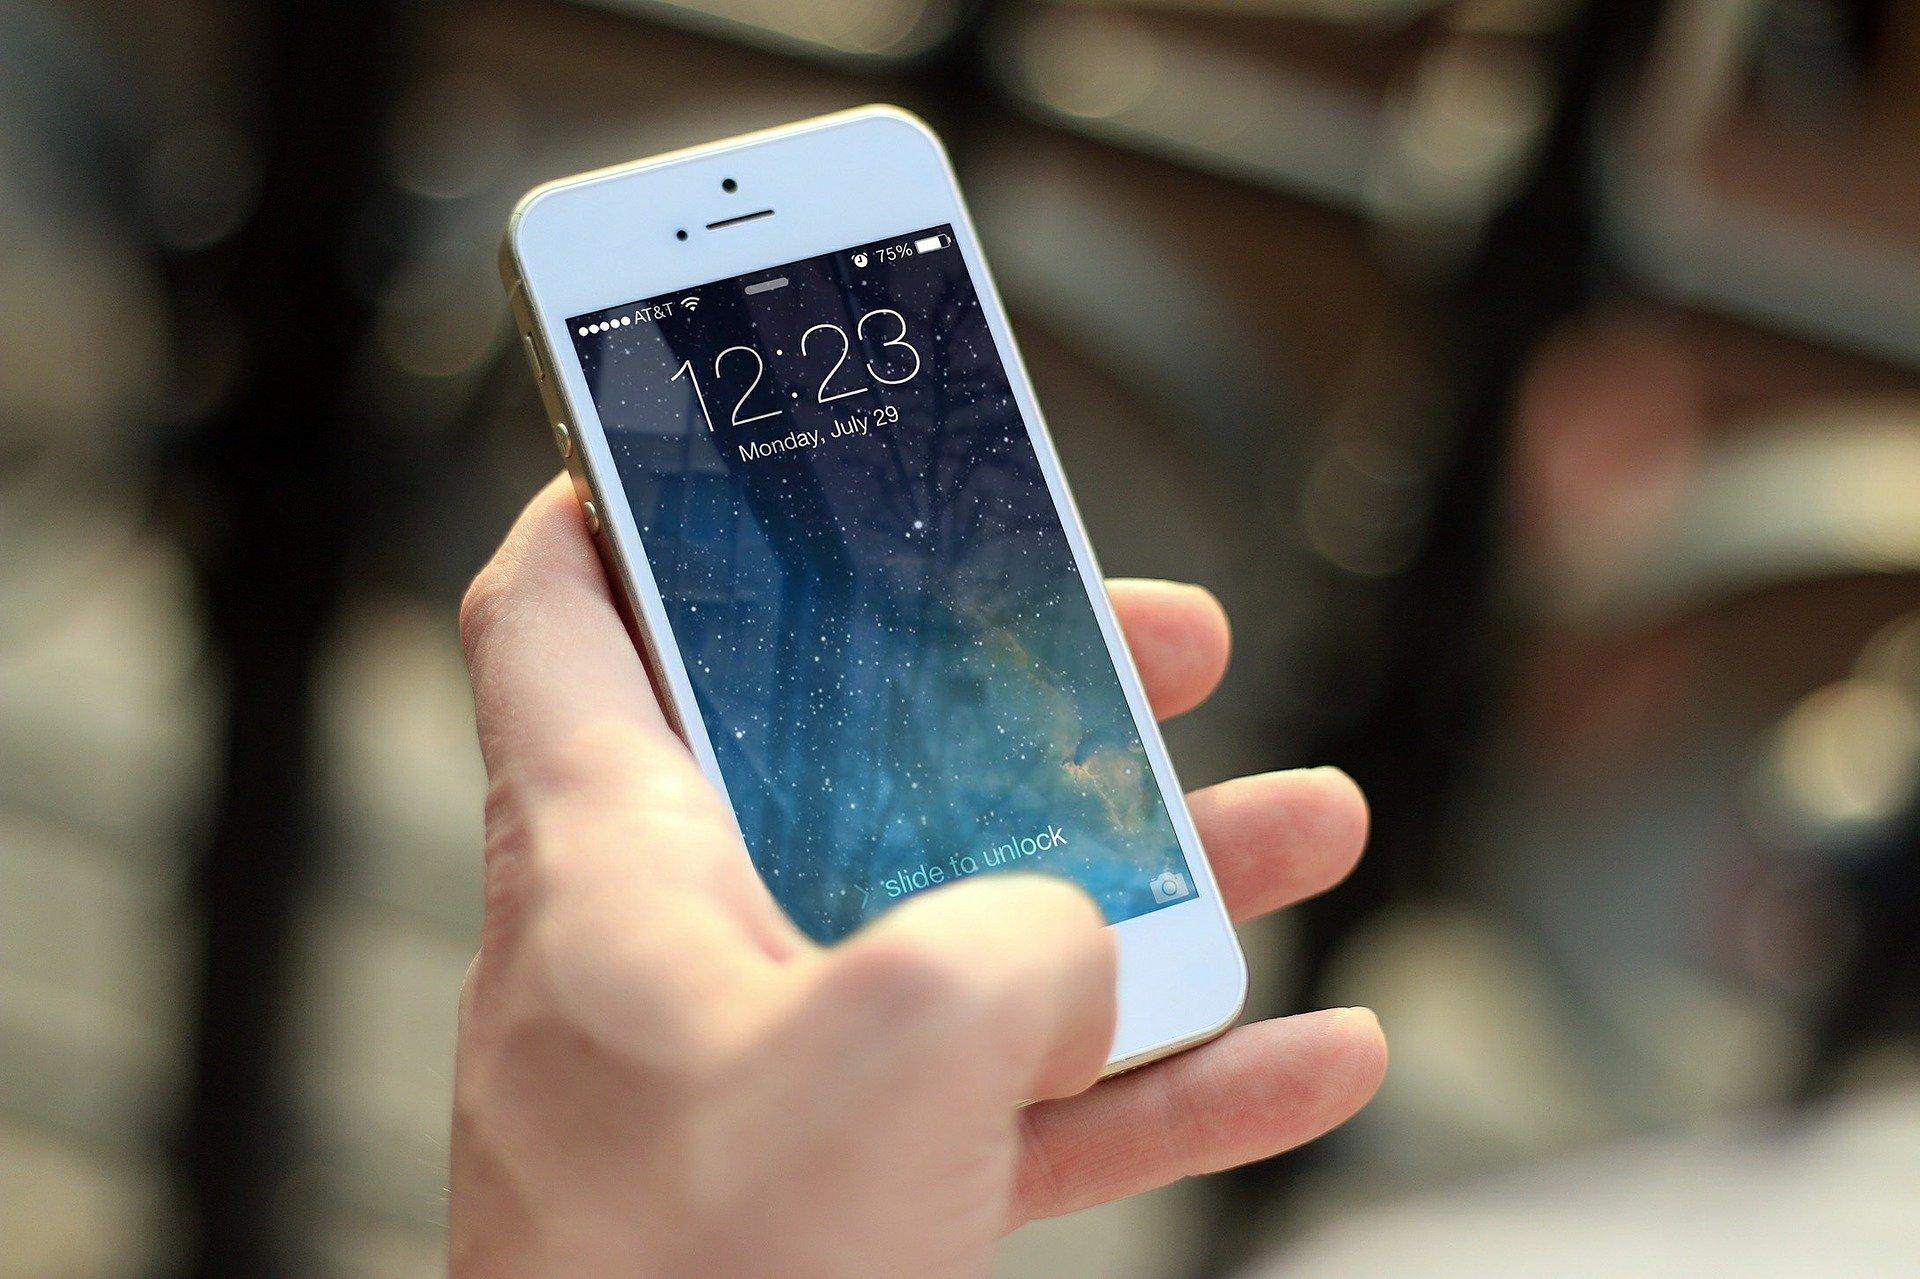 Iphone-Handy-Smartphone